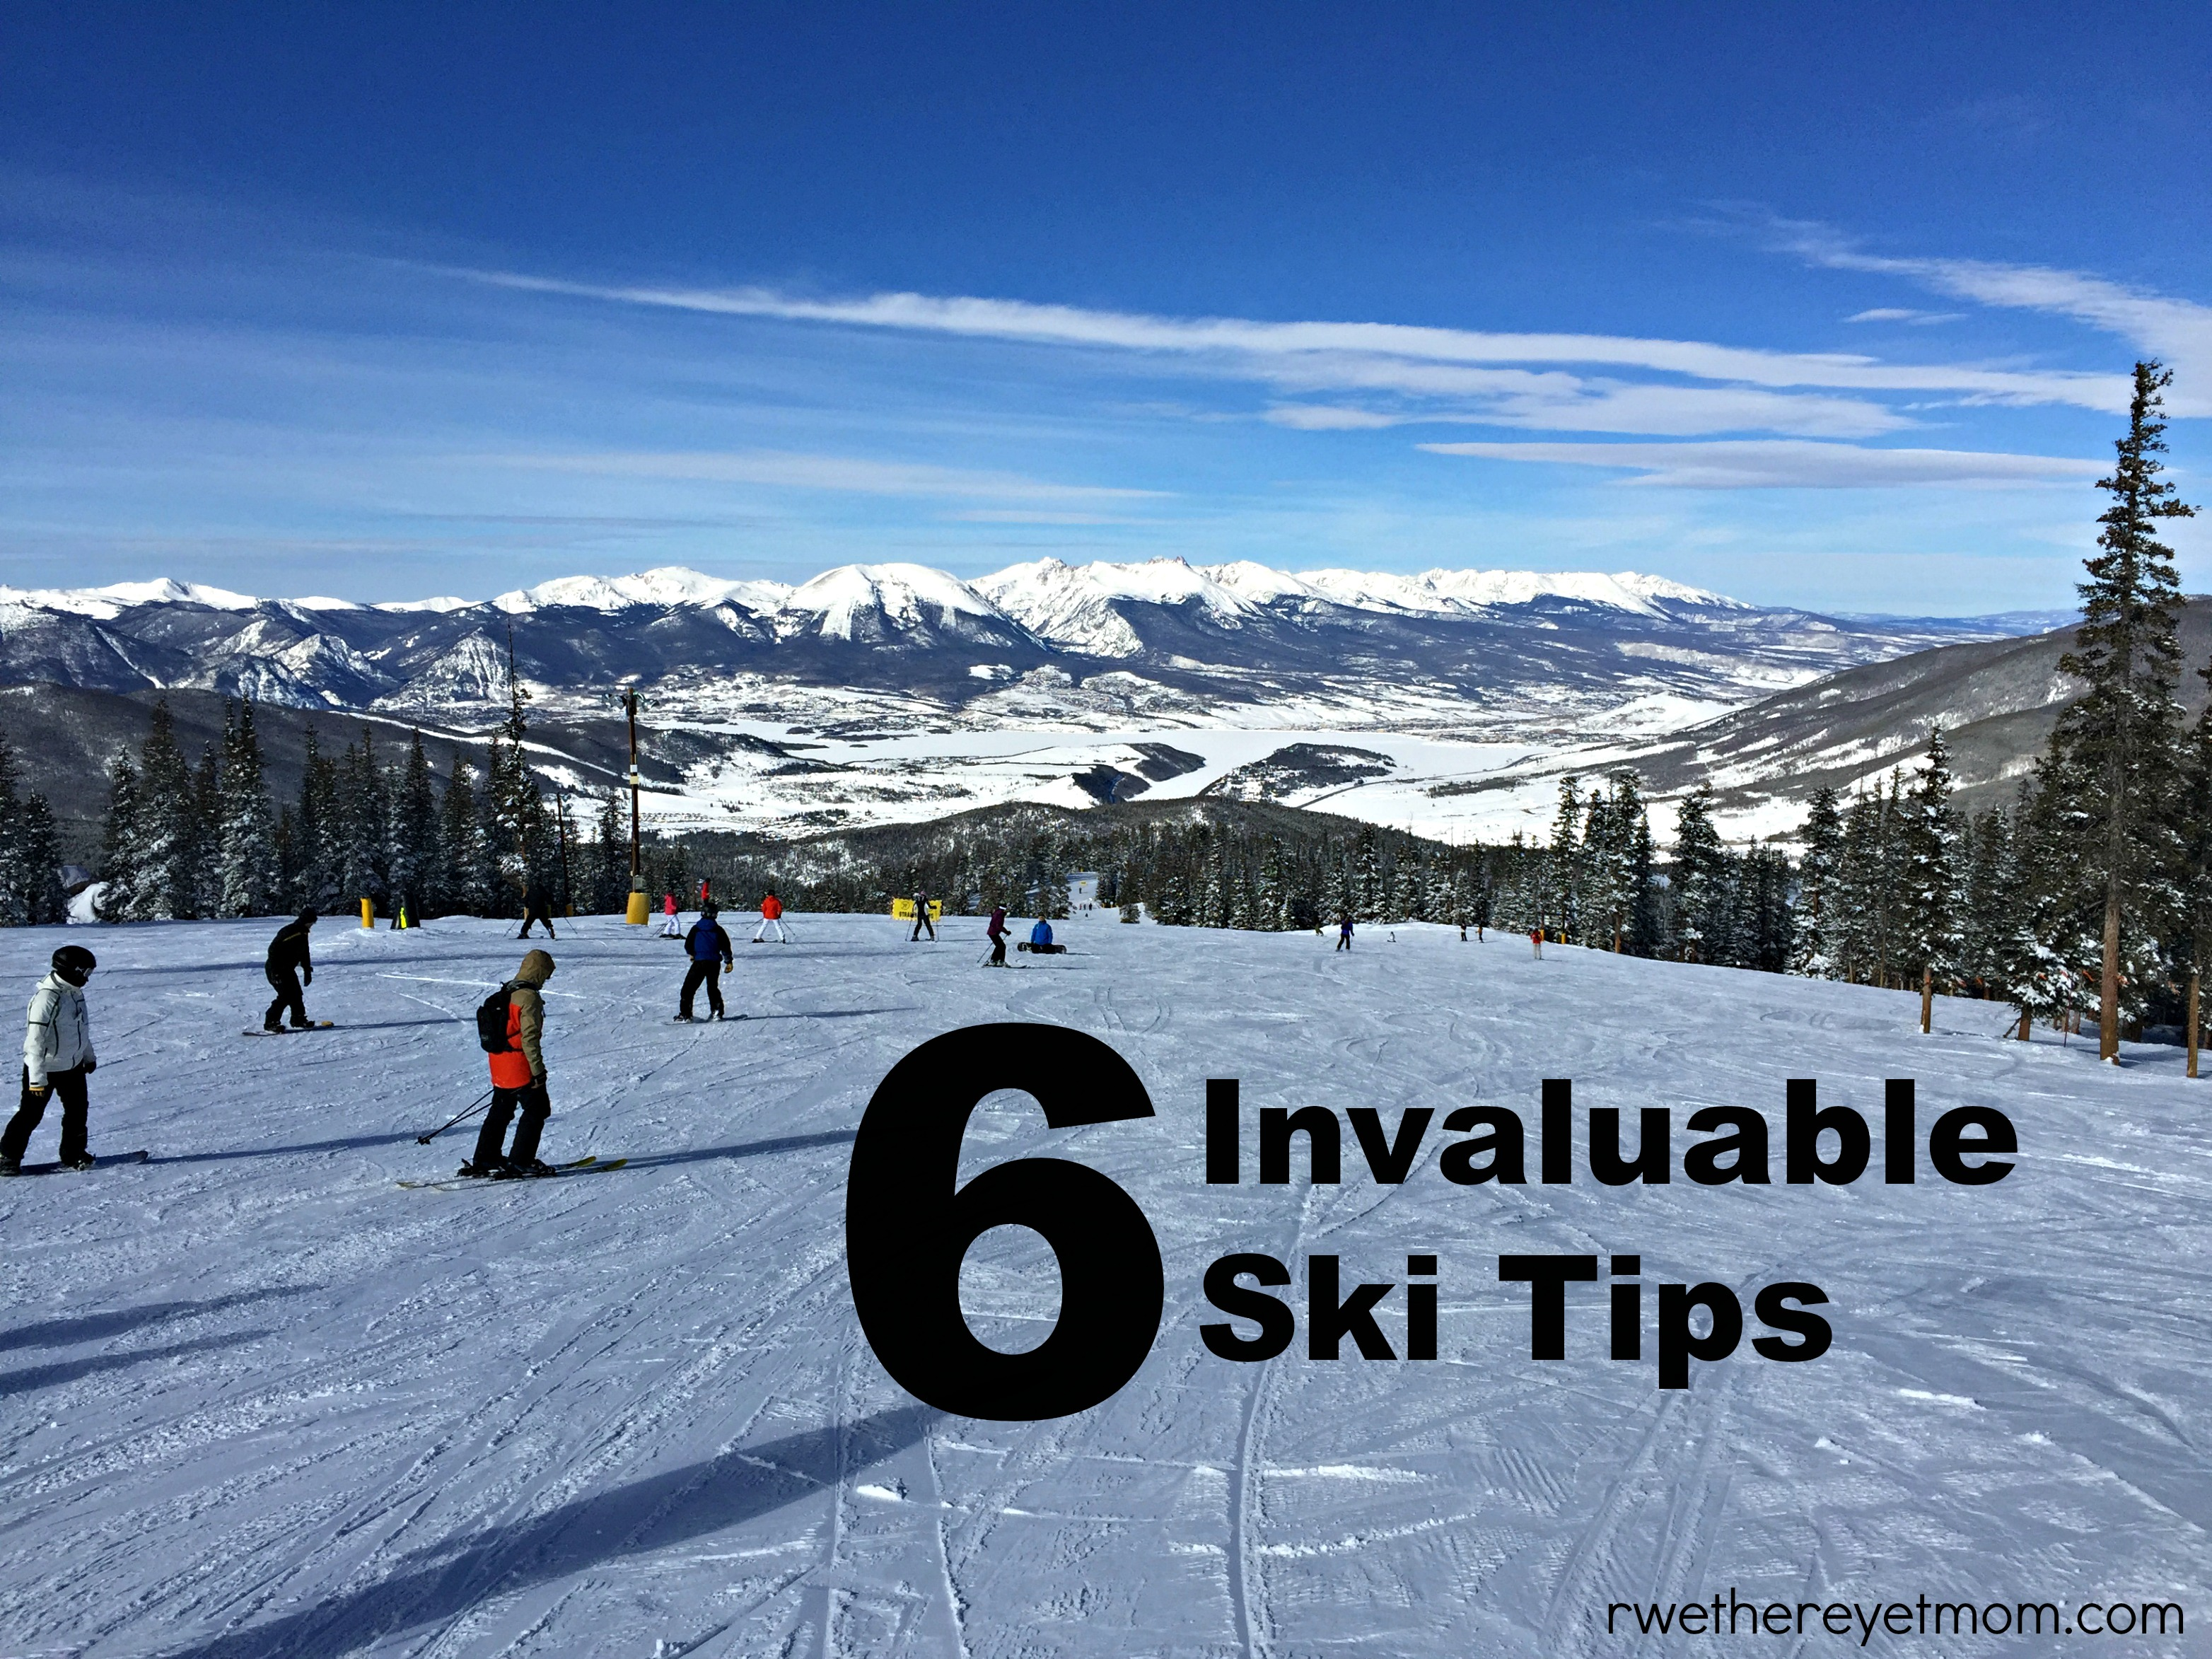 Ski Tips